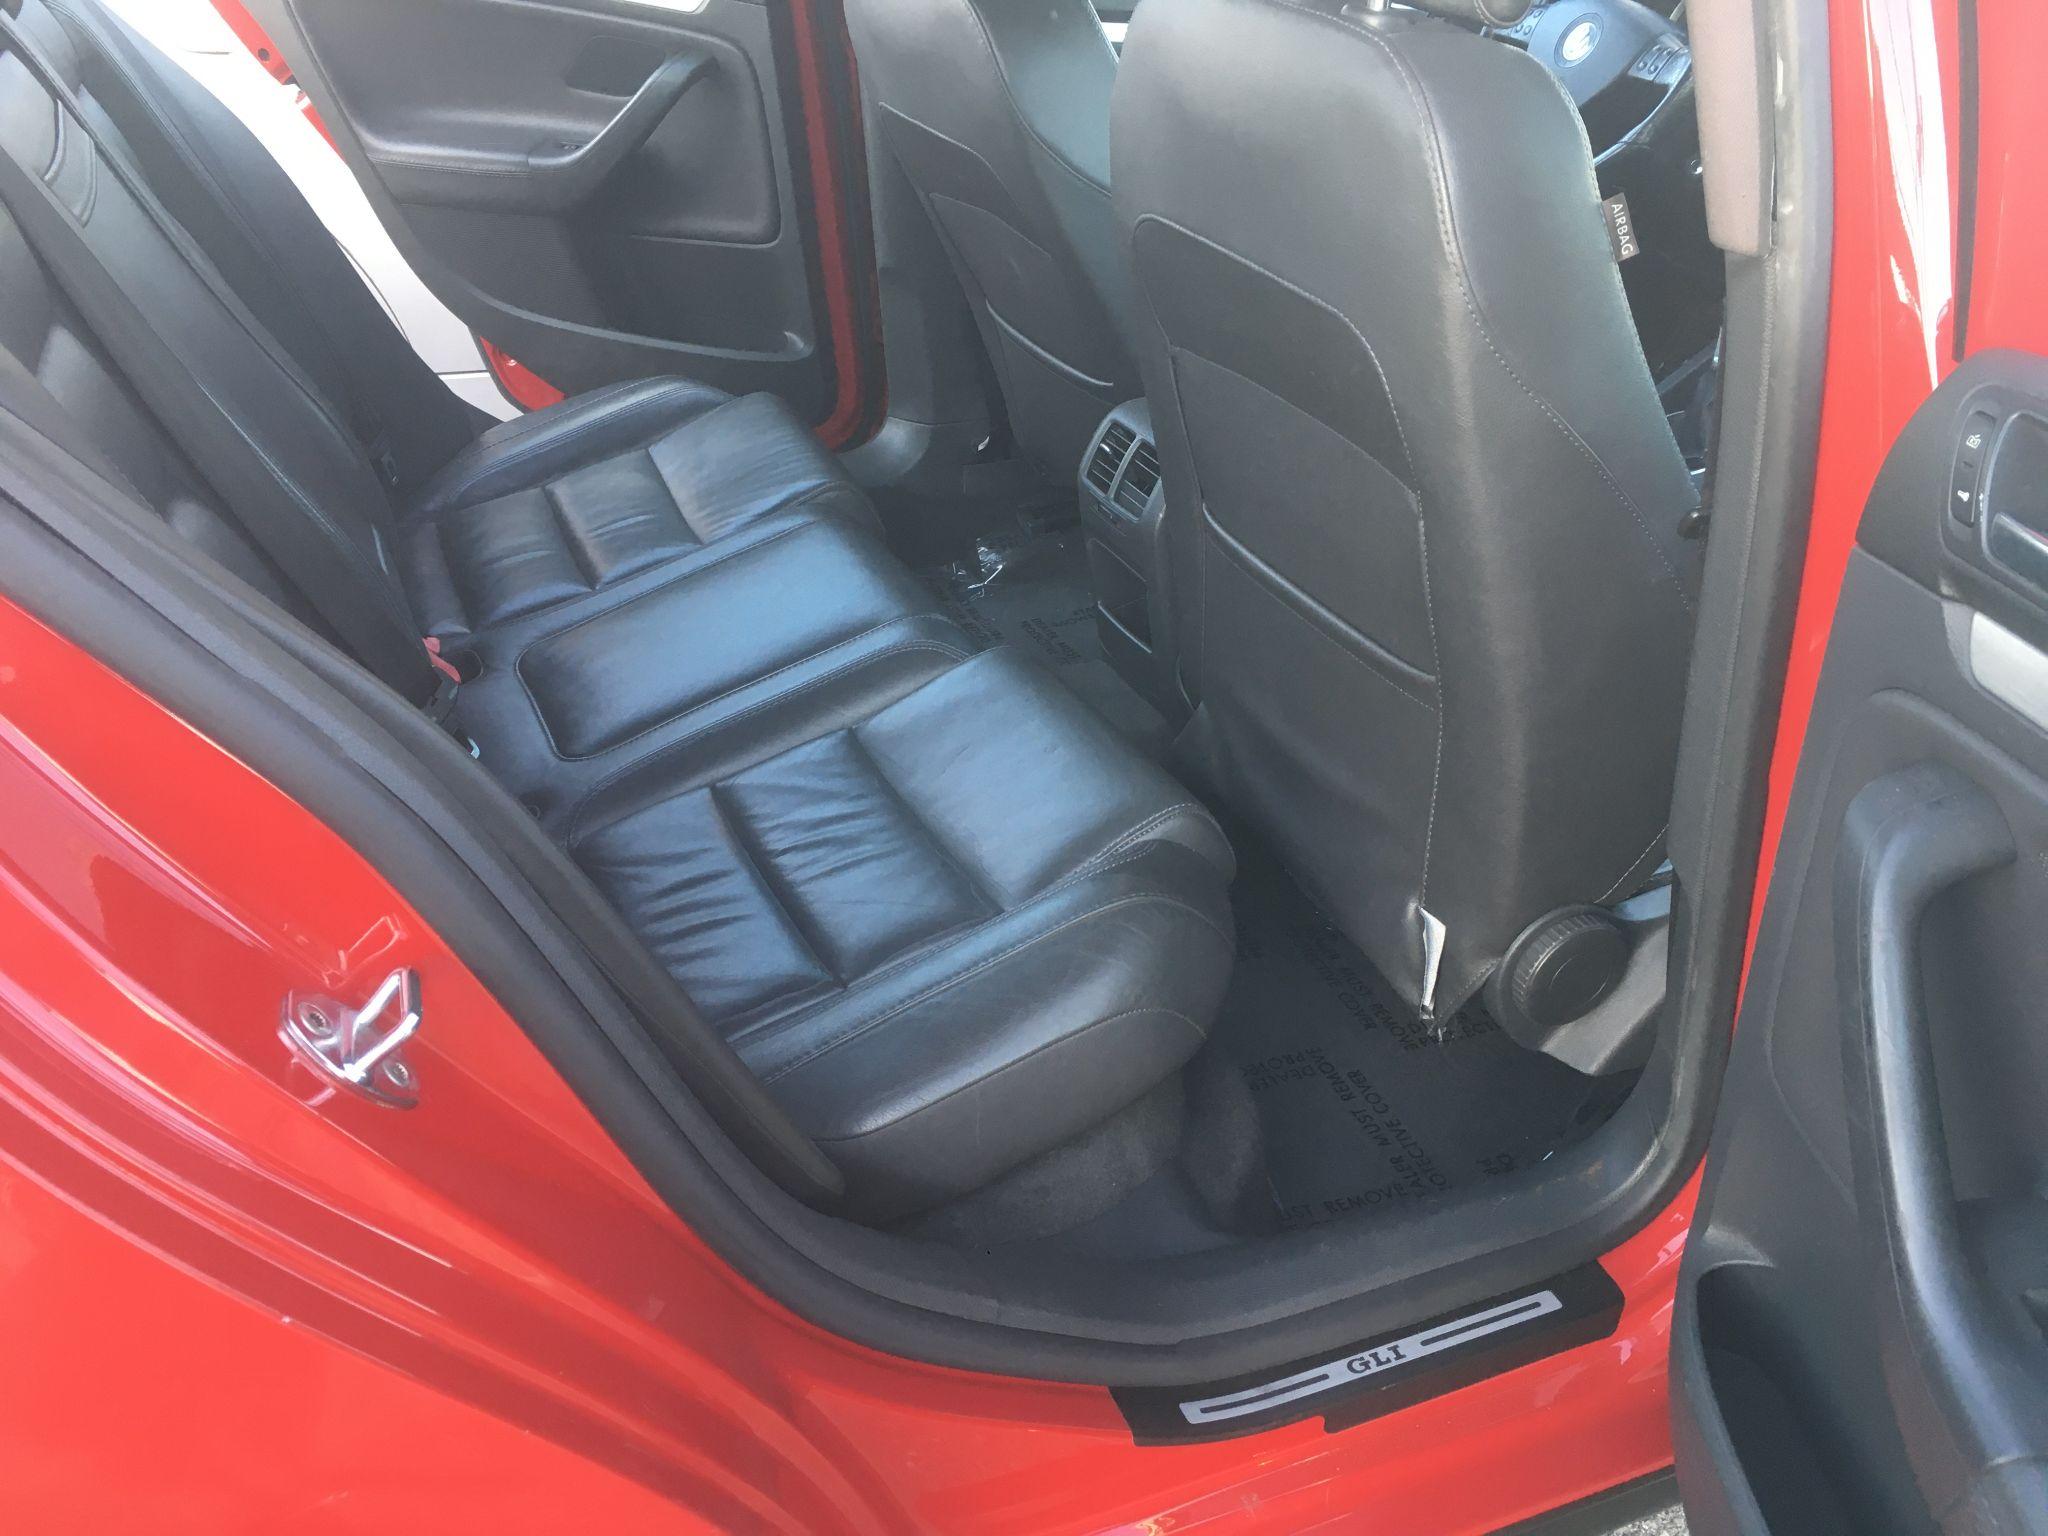 2006 Volkswagen Jetta GLI 2.0L Turbo